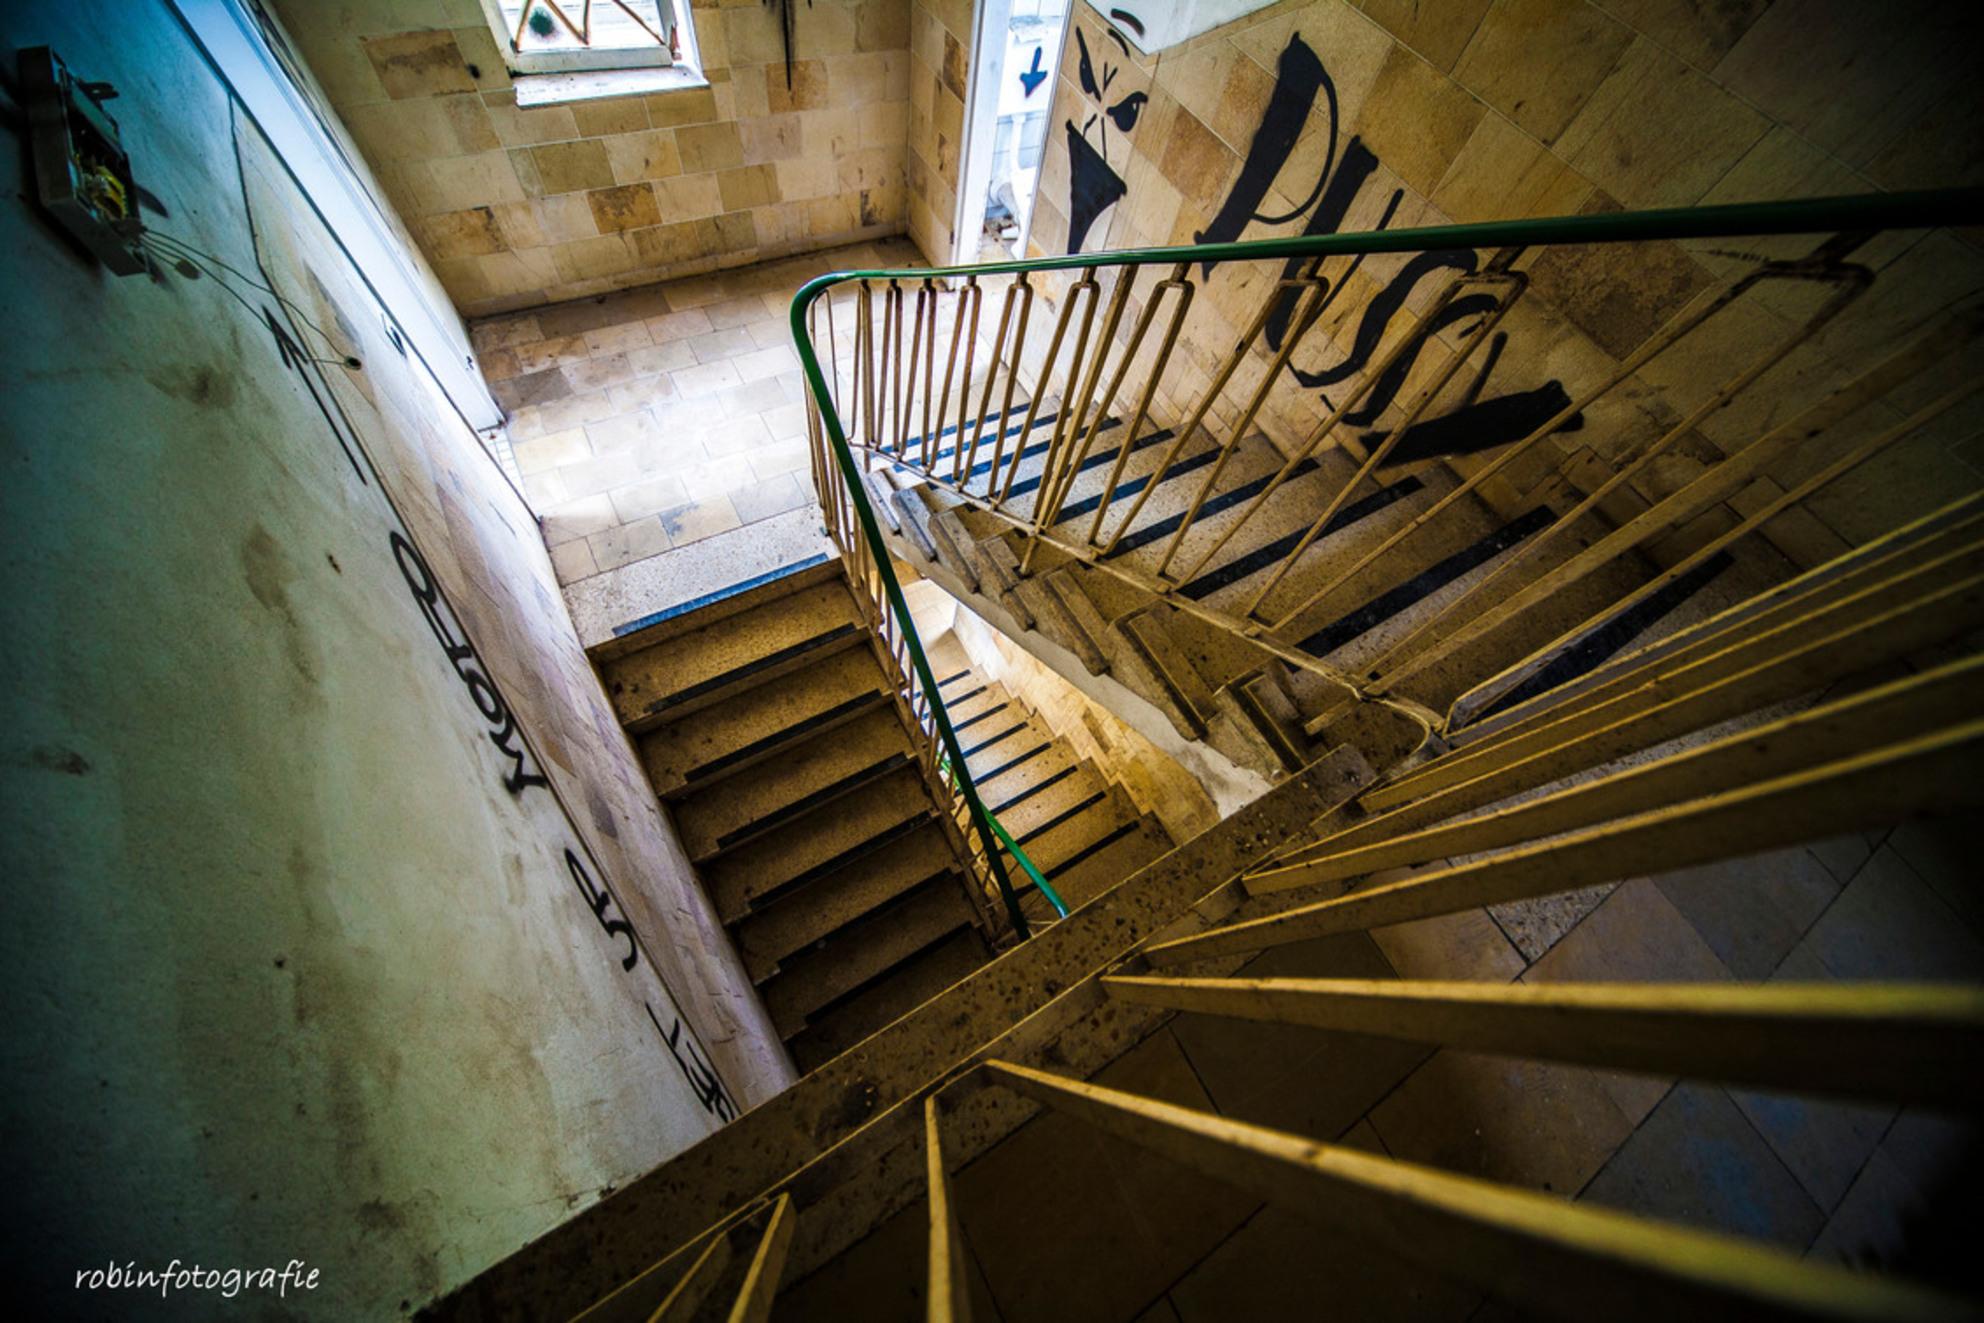 Stairs - - - foto door robinvanbergen op 19-04-2017 - deze foto bevat: oud, abstract, verlaten, urbex, urban exploring